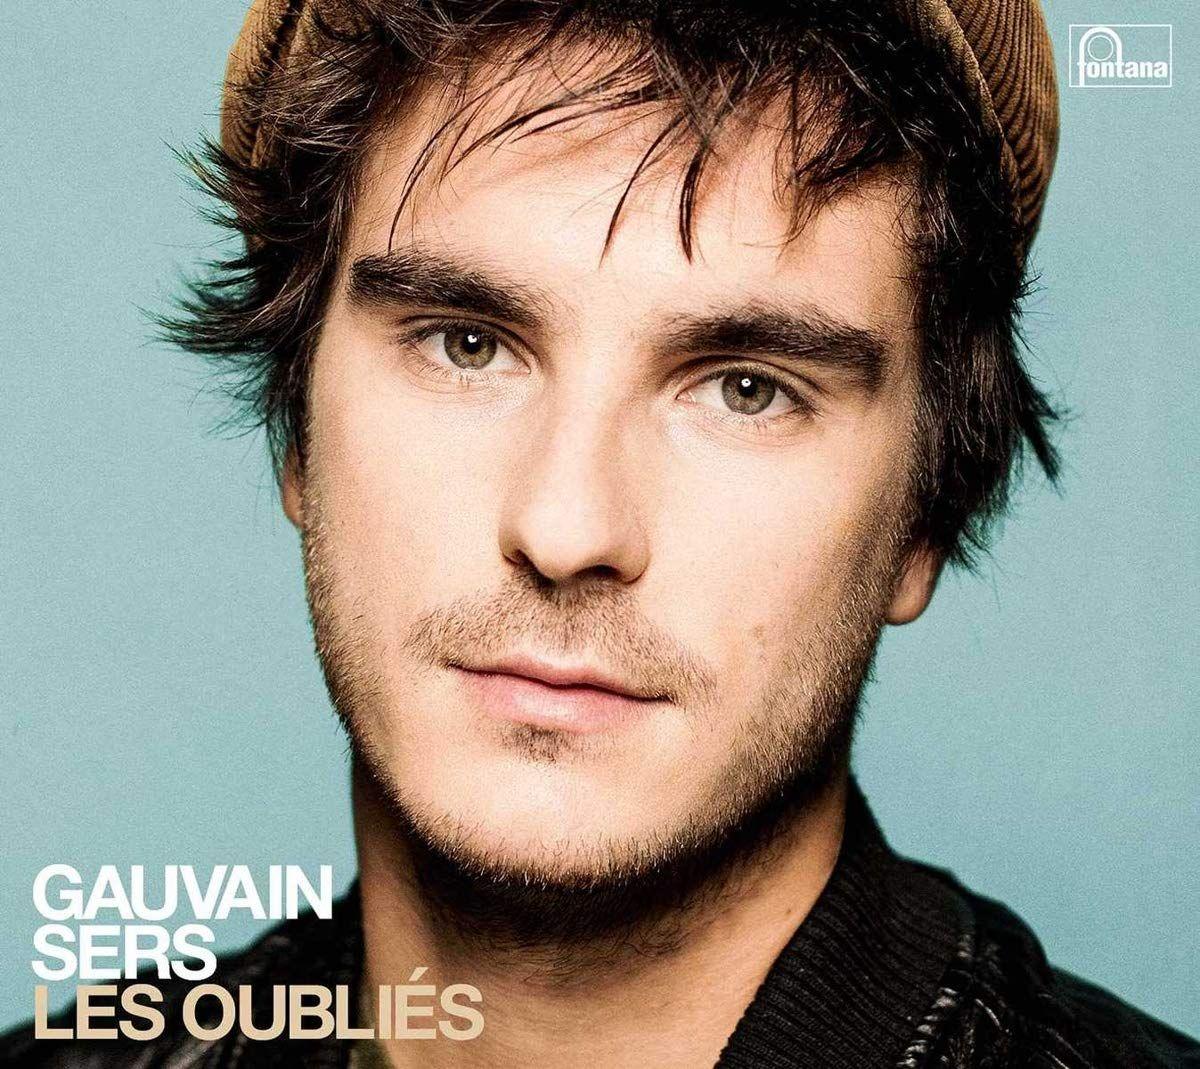 Gauvain Sers - Les Oubliés album cover